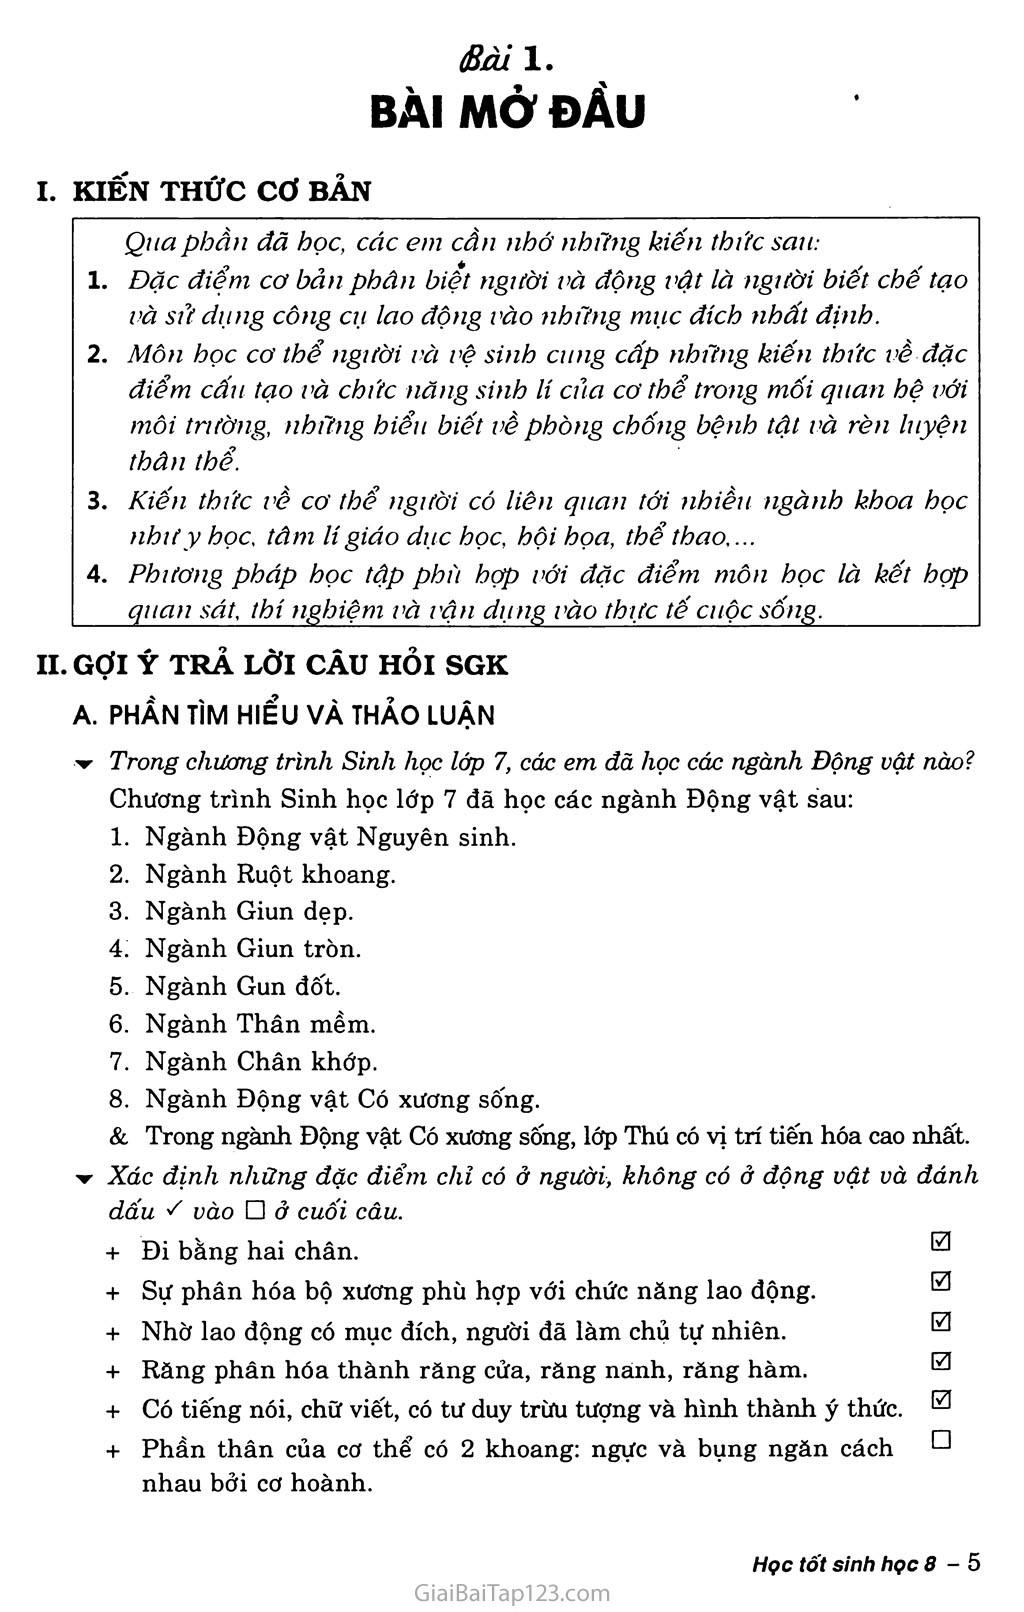 Bài 1: Bài mở đầu trang 1